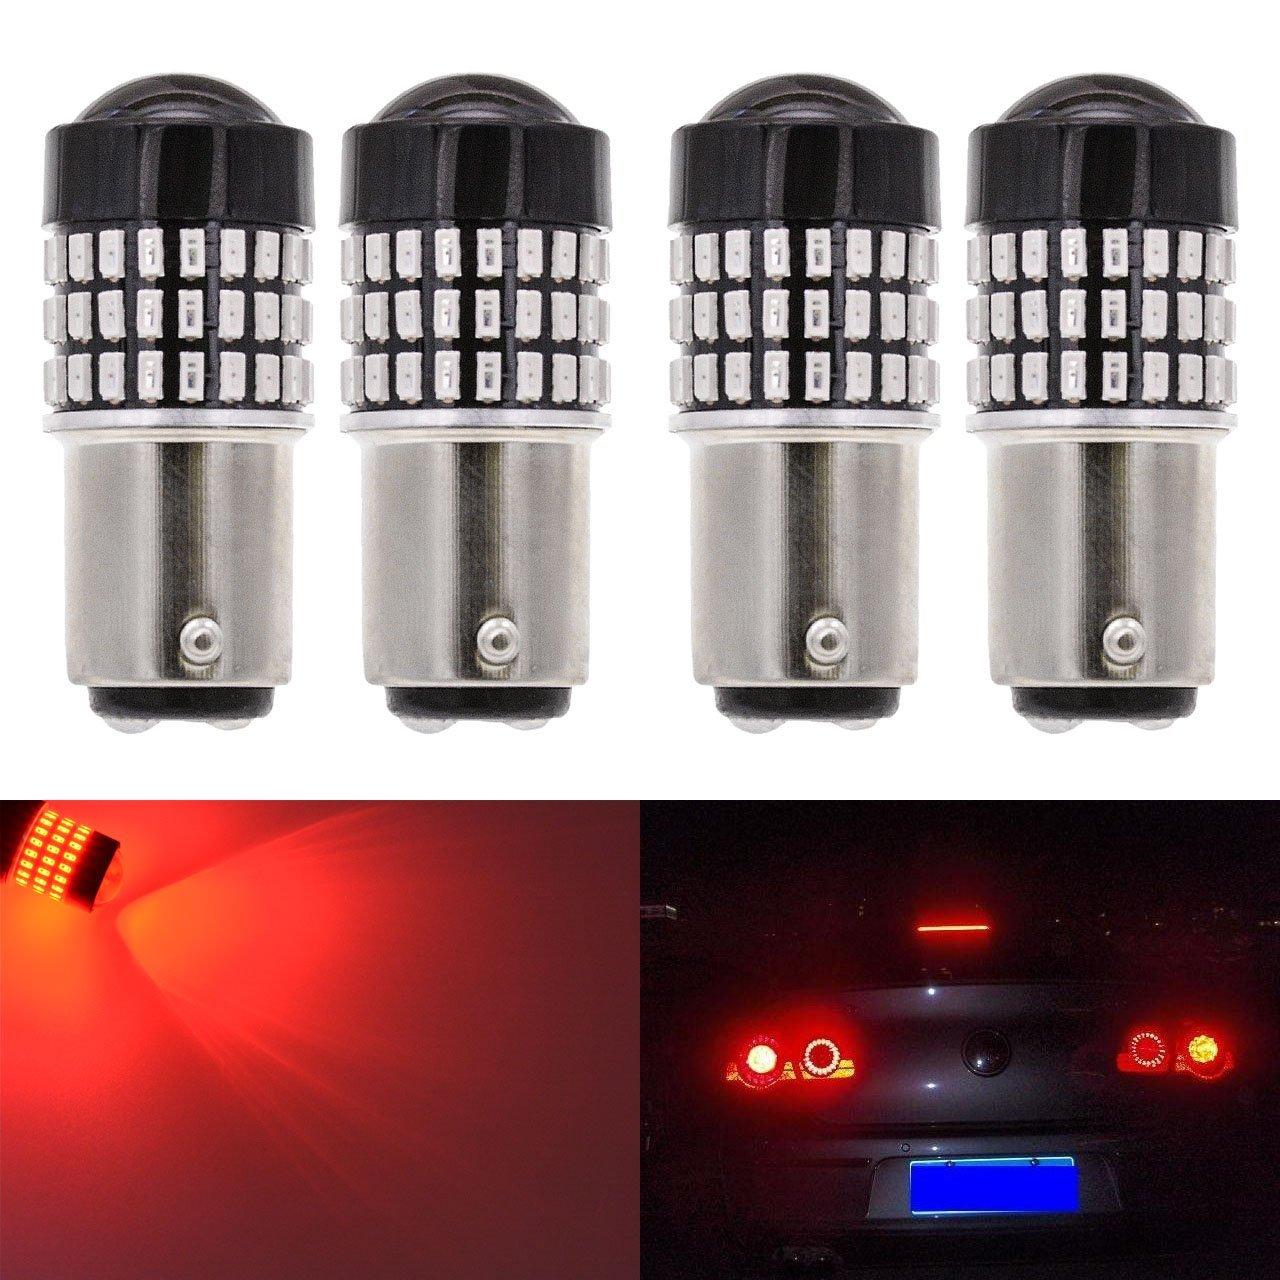 KaTur 4pcs 900 Lumens 1157 BAY15D 1016 1034 7528 Base Super Bright 3014 78SMD Lens LED Bulbs Brake Turn Signal Tail Backup Reverse Brake Light Lamp Red 12V 4W